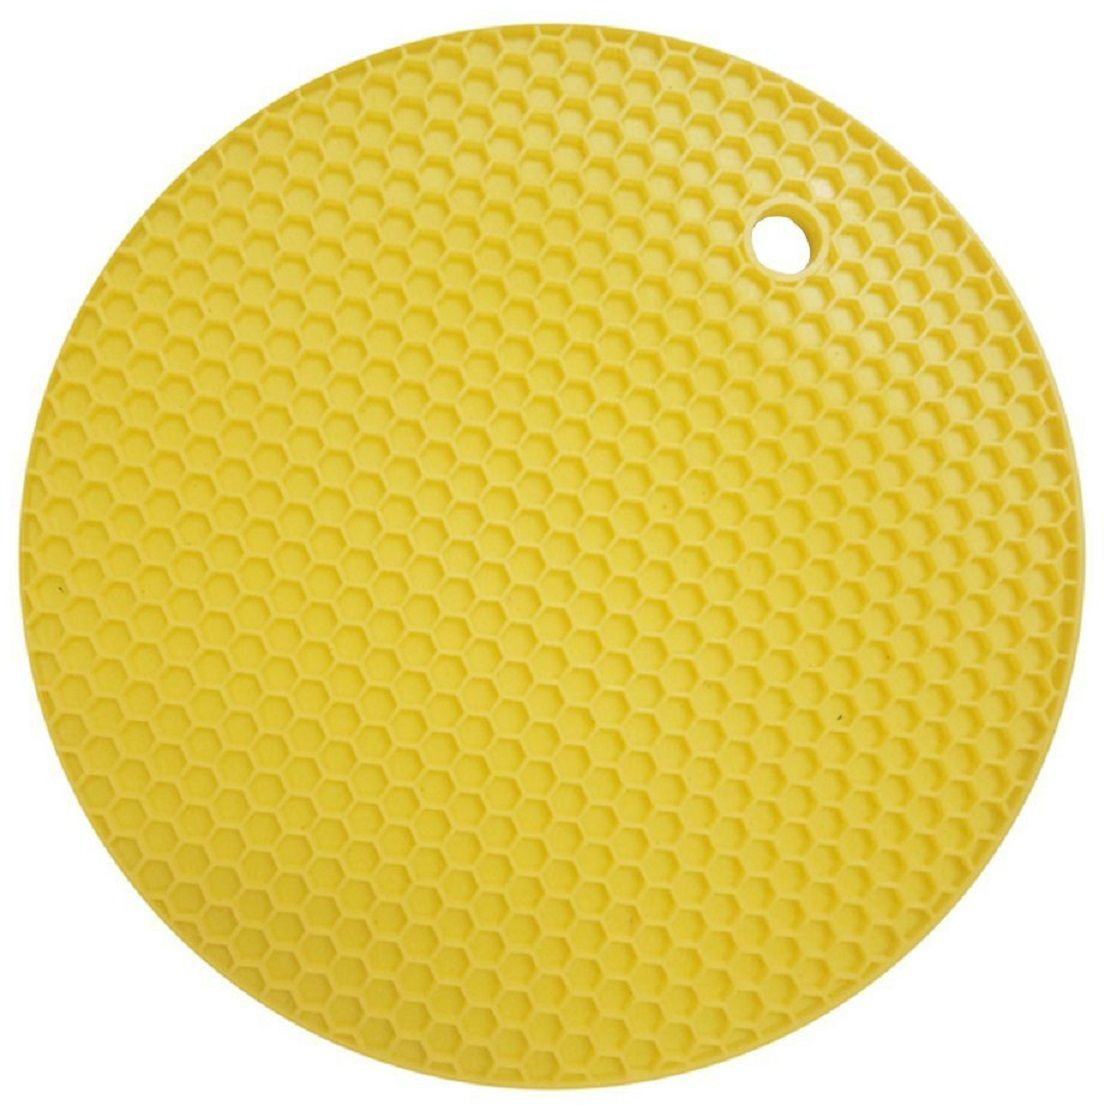 Подставка под горячее FidgetGo Круг, цвет: желтый2212345678168На современной кухне силиконовые изделия занимают все больше места. Так как этот материал удобен в обращении, он легкий, к нему не пристает жир и масло, моется легко в теплой воде!Силиконовая подставка под горячее FidgetGo Круг - это практичная и удобная вещь, на нее можно поставить горячую сковороду, кастрюли, противень и многое другое. Подставка не скользит по поверхности, даже если покрытие стола глянцевое! Подставка выдерживает до 230°С, сделана из безопасного пищевого силикона. Ее можно мыть в посудомоечной машине или использовать в микроволновке.